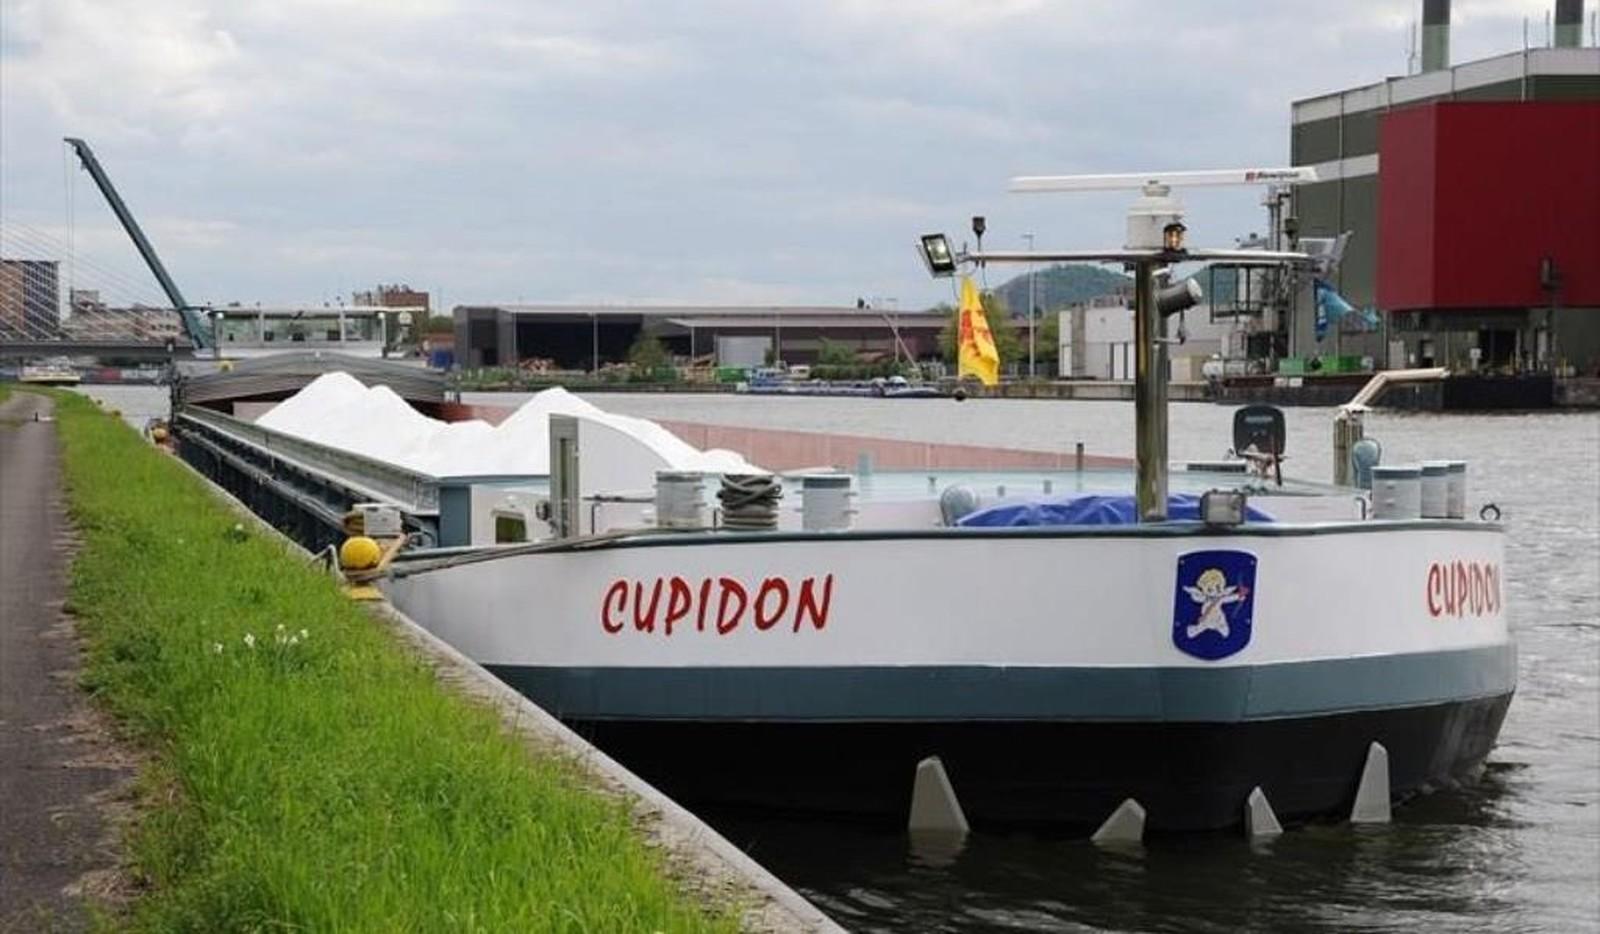 Cupidon Concordia Group